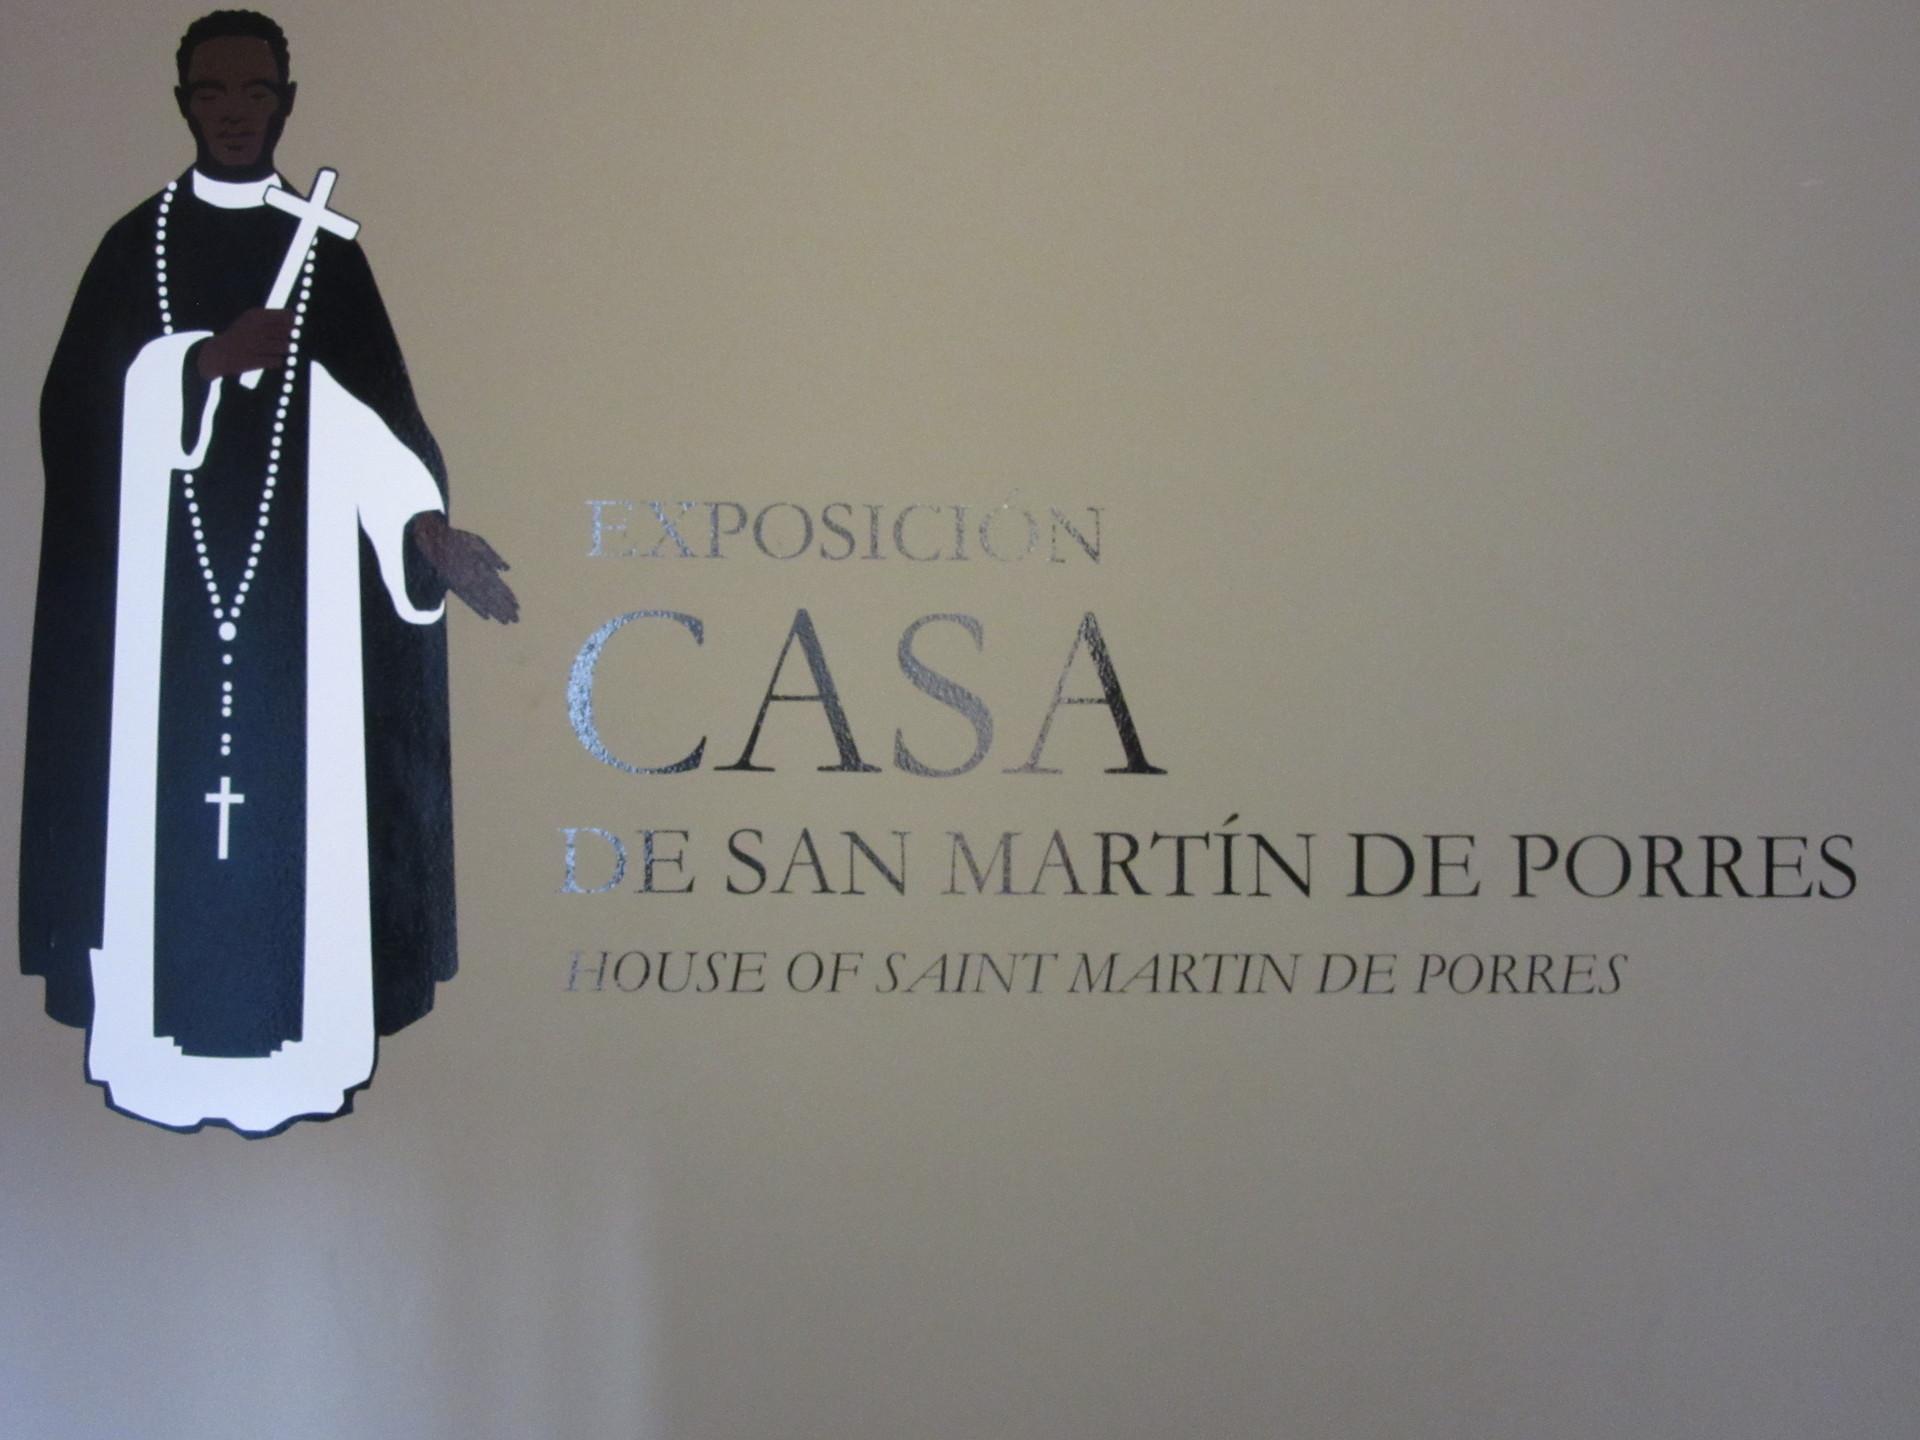 la-casa-santo-mulato-lima-e5e0ca29bb8559